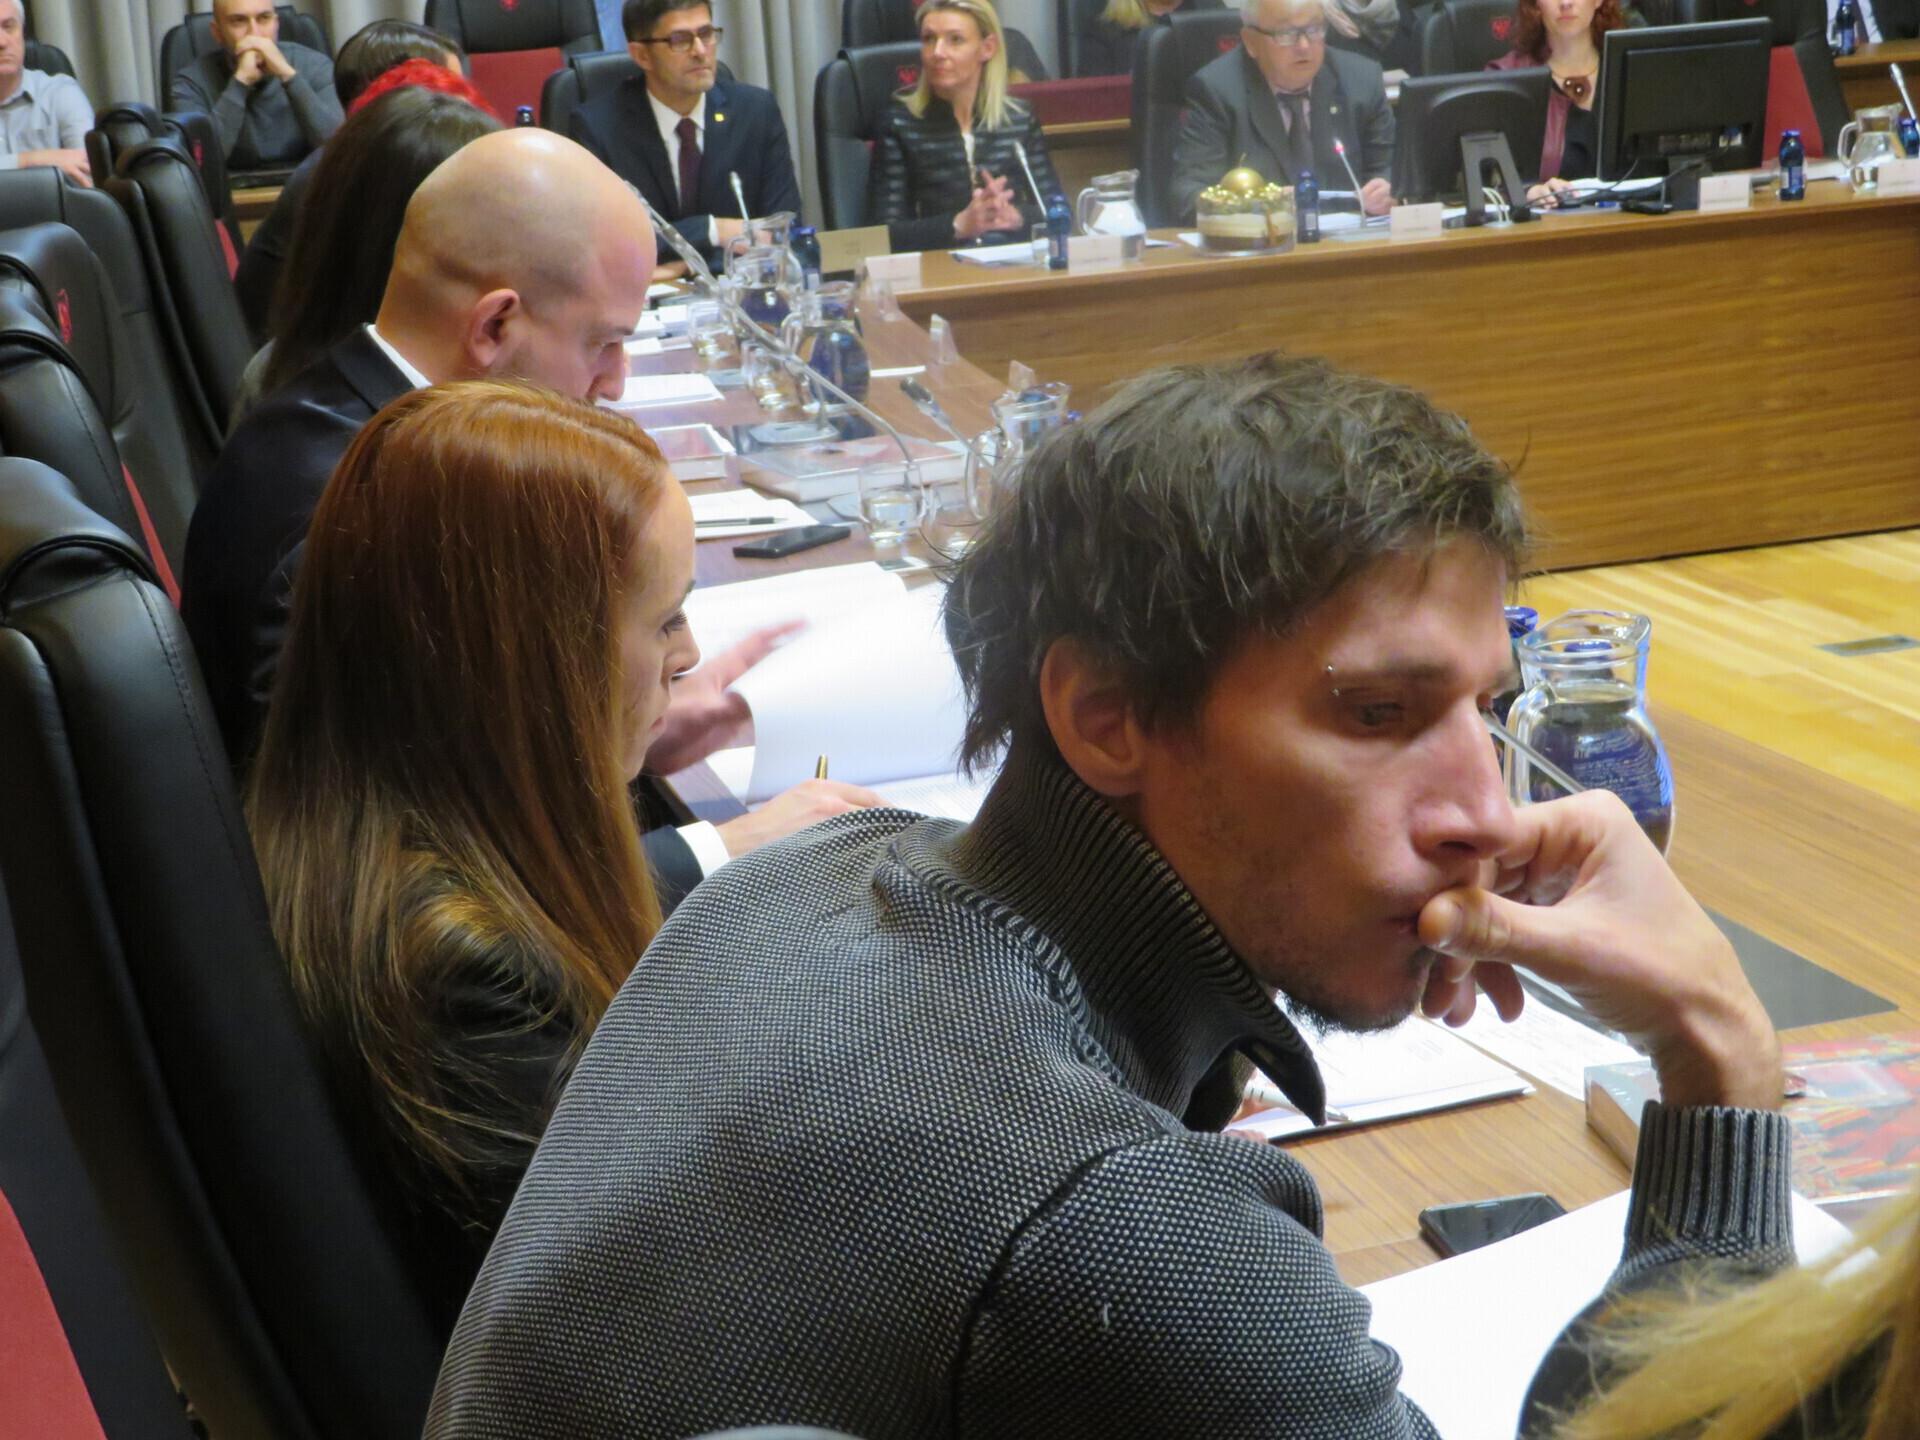 Robert Kranjec ohranil čast in dobro ime - poteza politika, ki ni več kranjski svetnik....